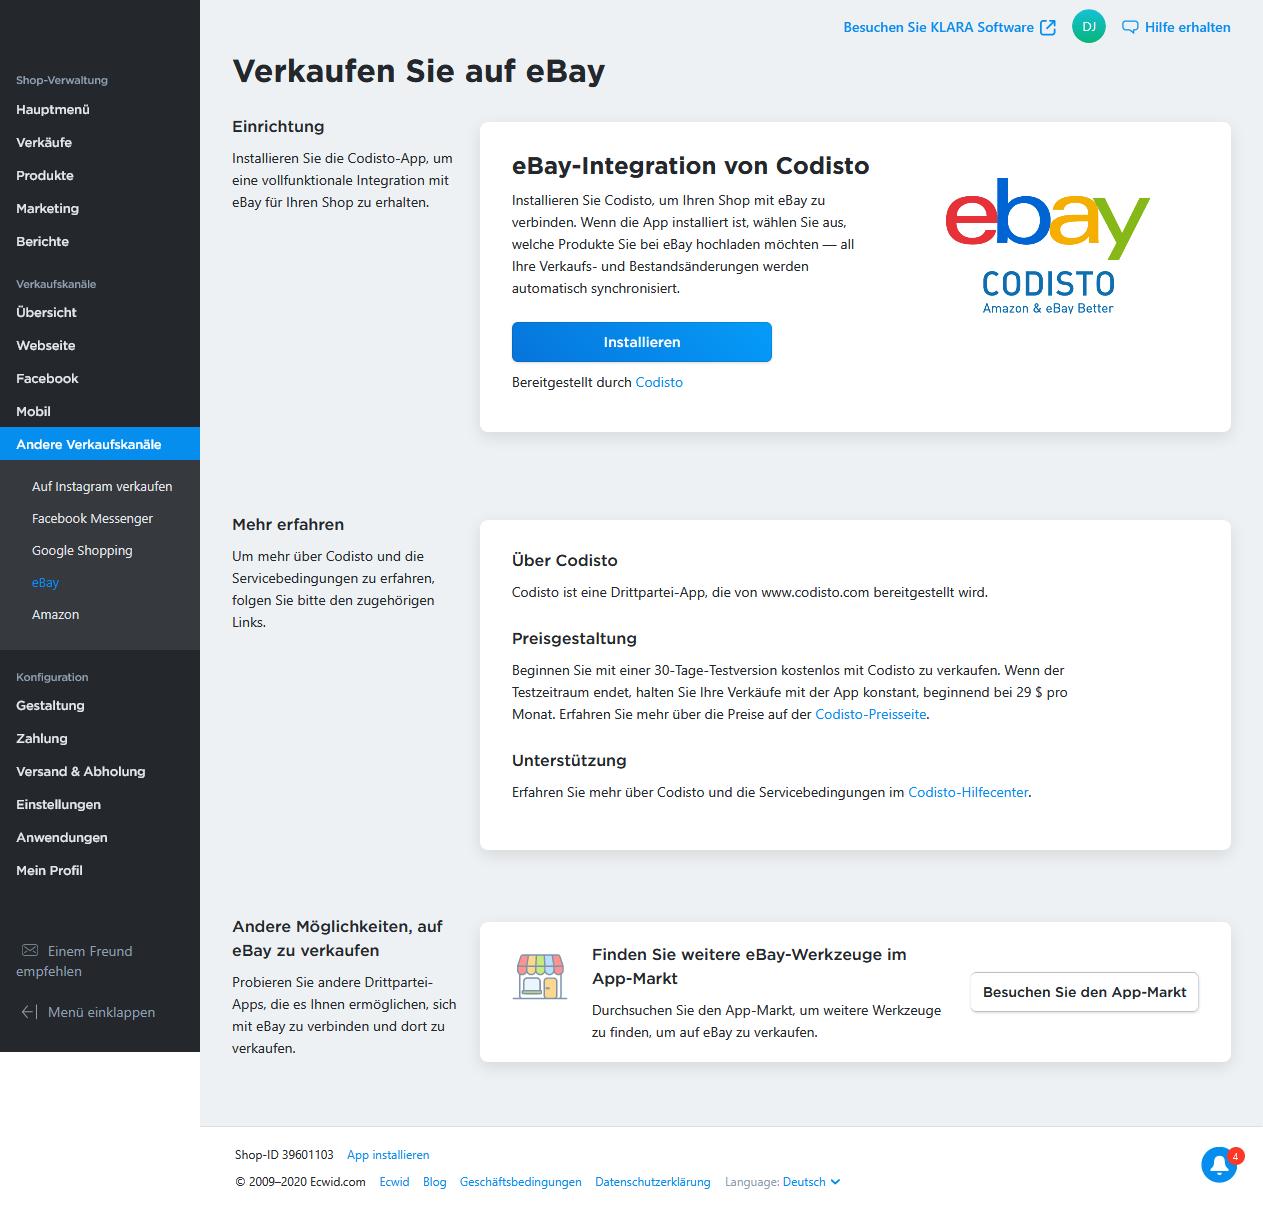 Verkaufen Sie bei ebay